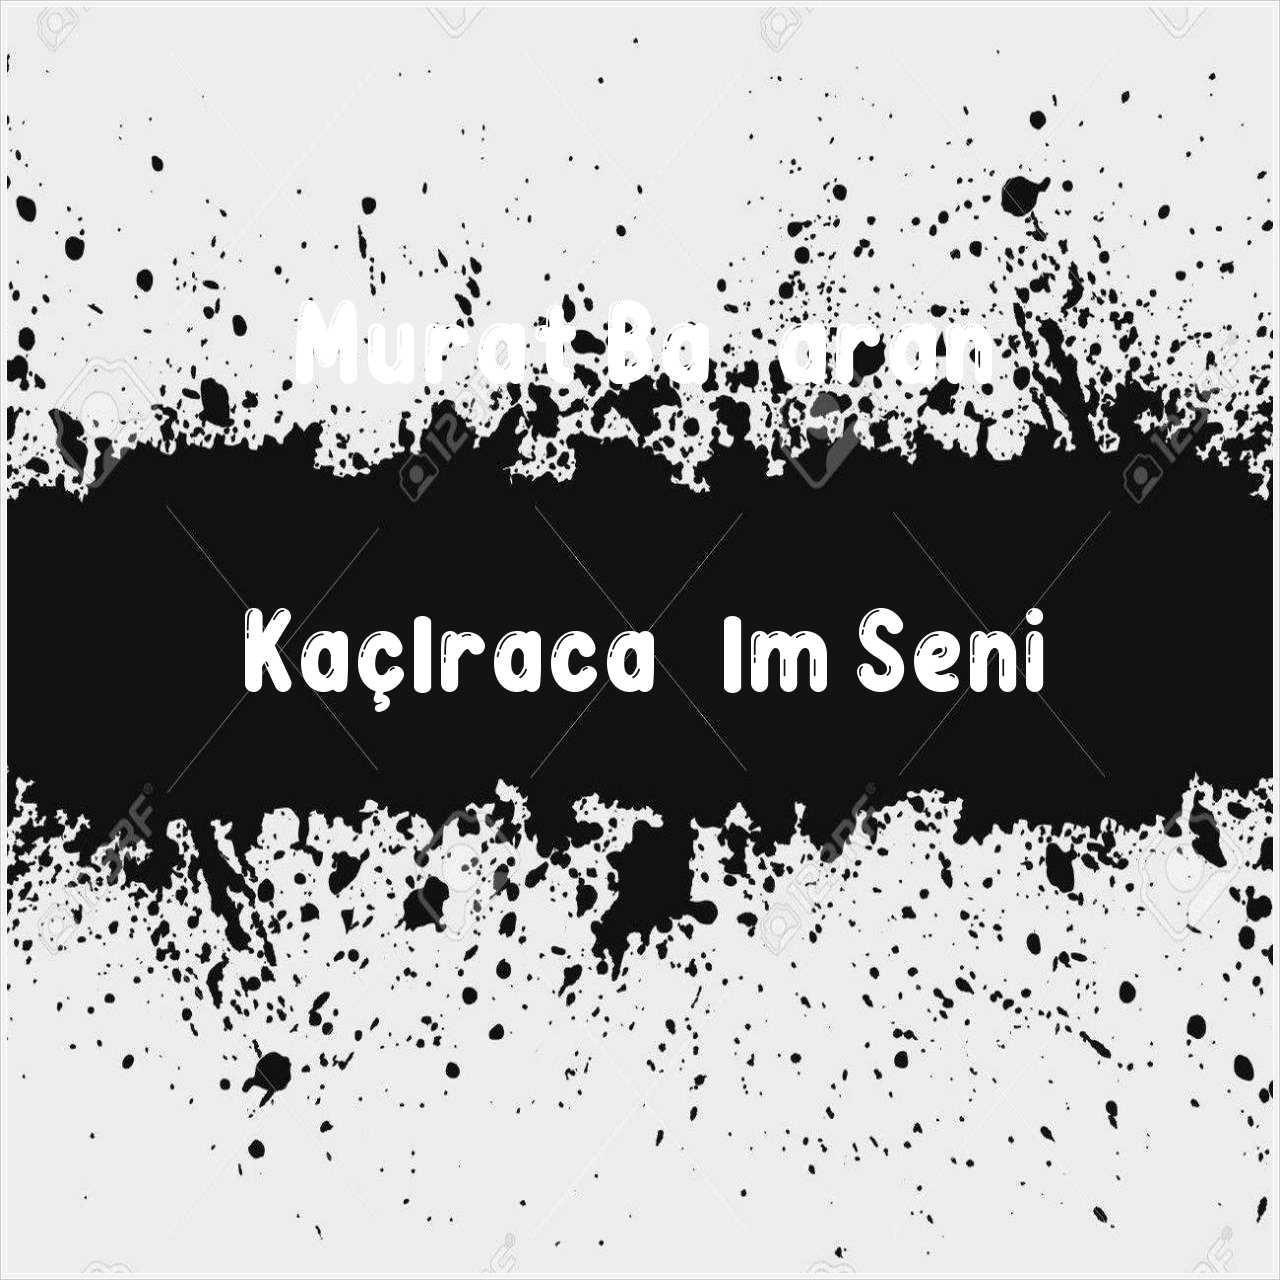 دانلود آهنگ جدید Murat Başaran به نام Kaçıracağım Seni